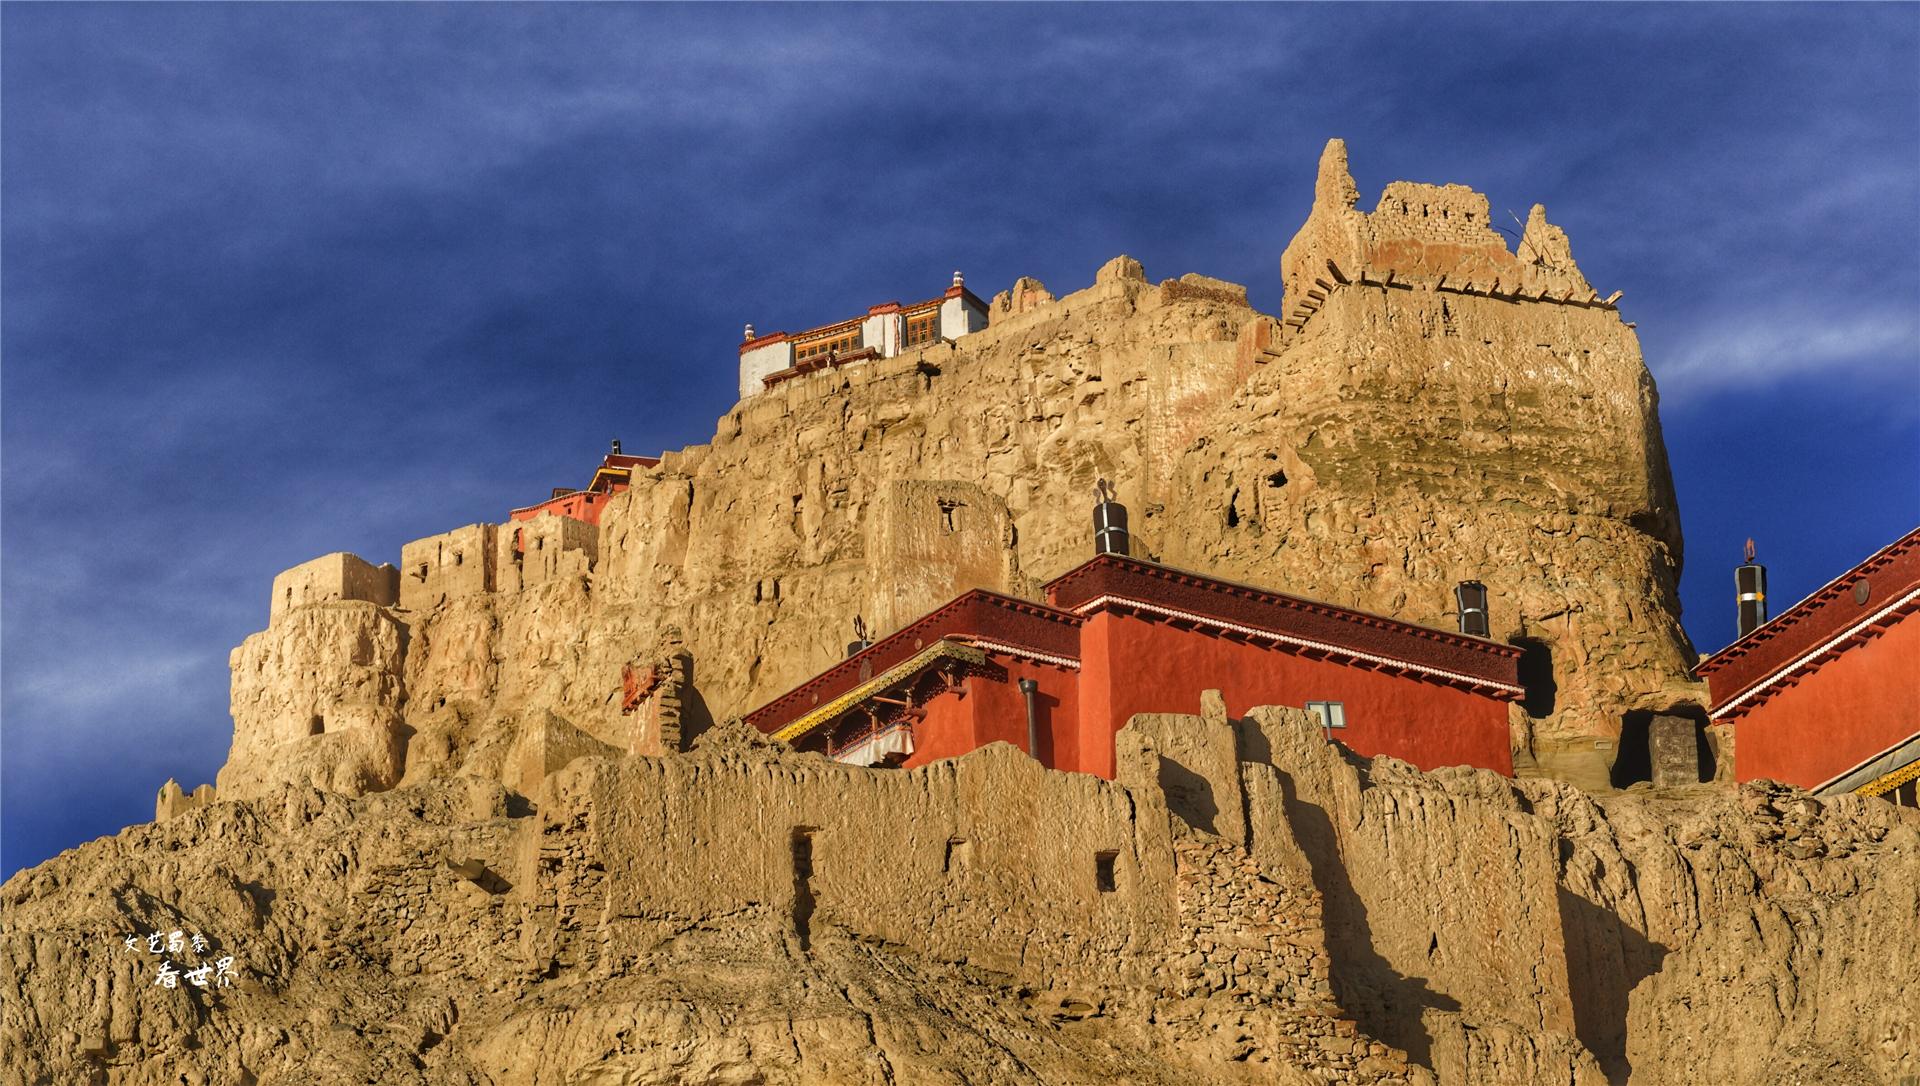 700年的古格王朝,10万人一夜之间人间蒸发了,谜团至今未解